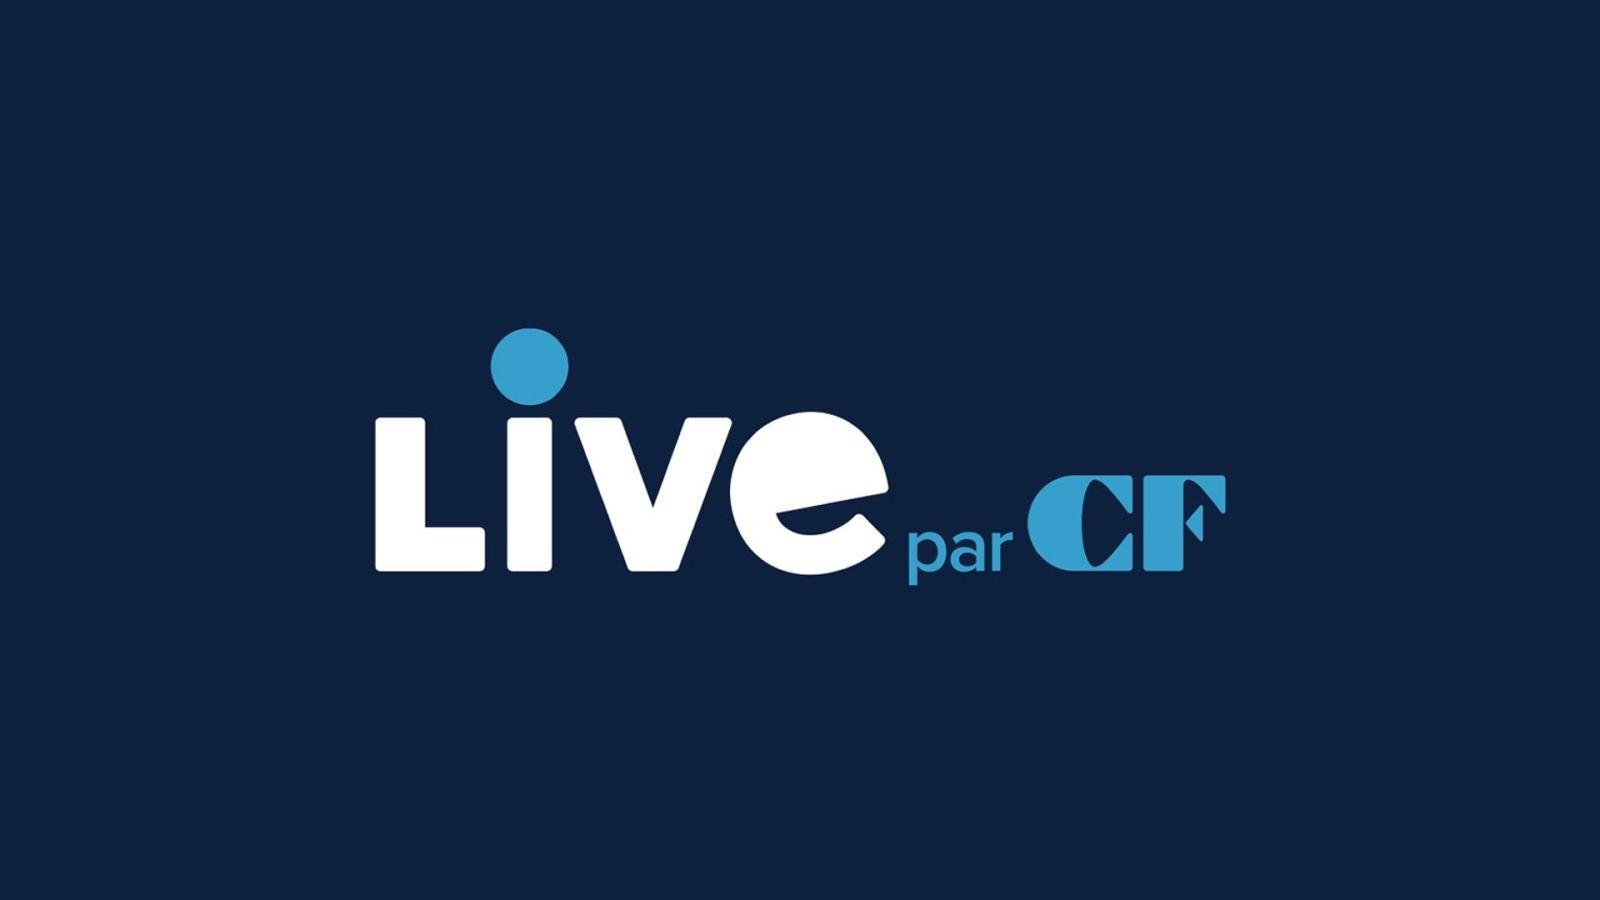 [CF Rideau Centre] - LiVE par CF